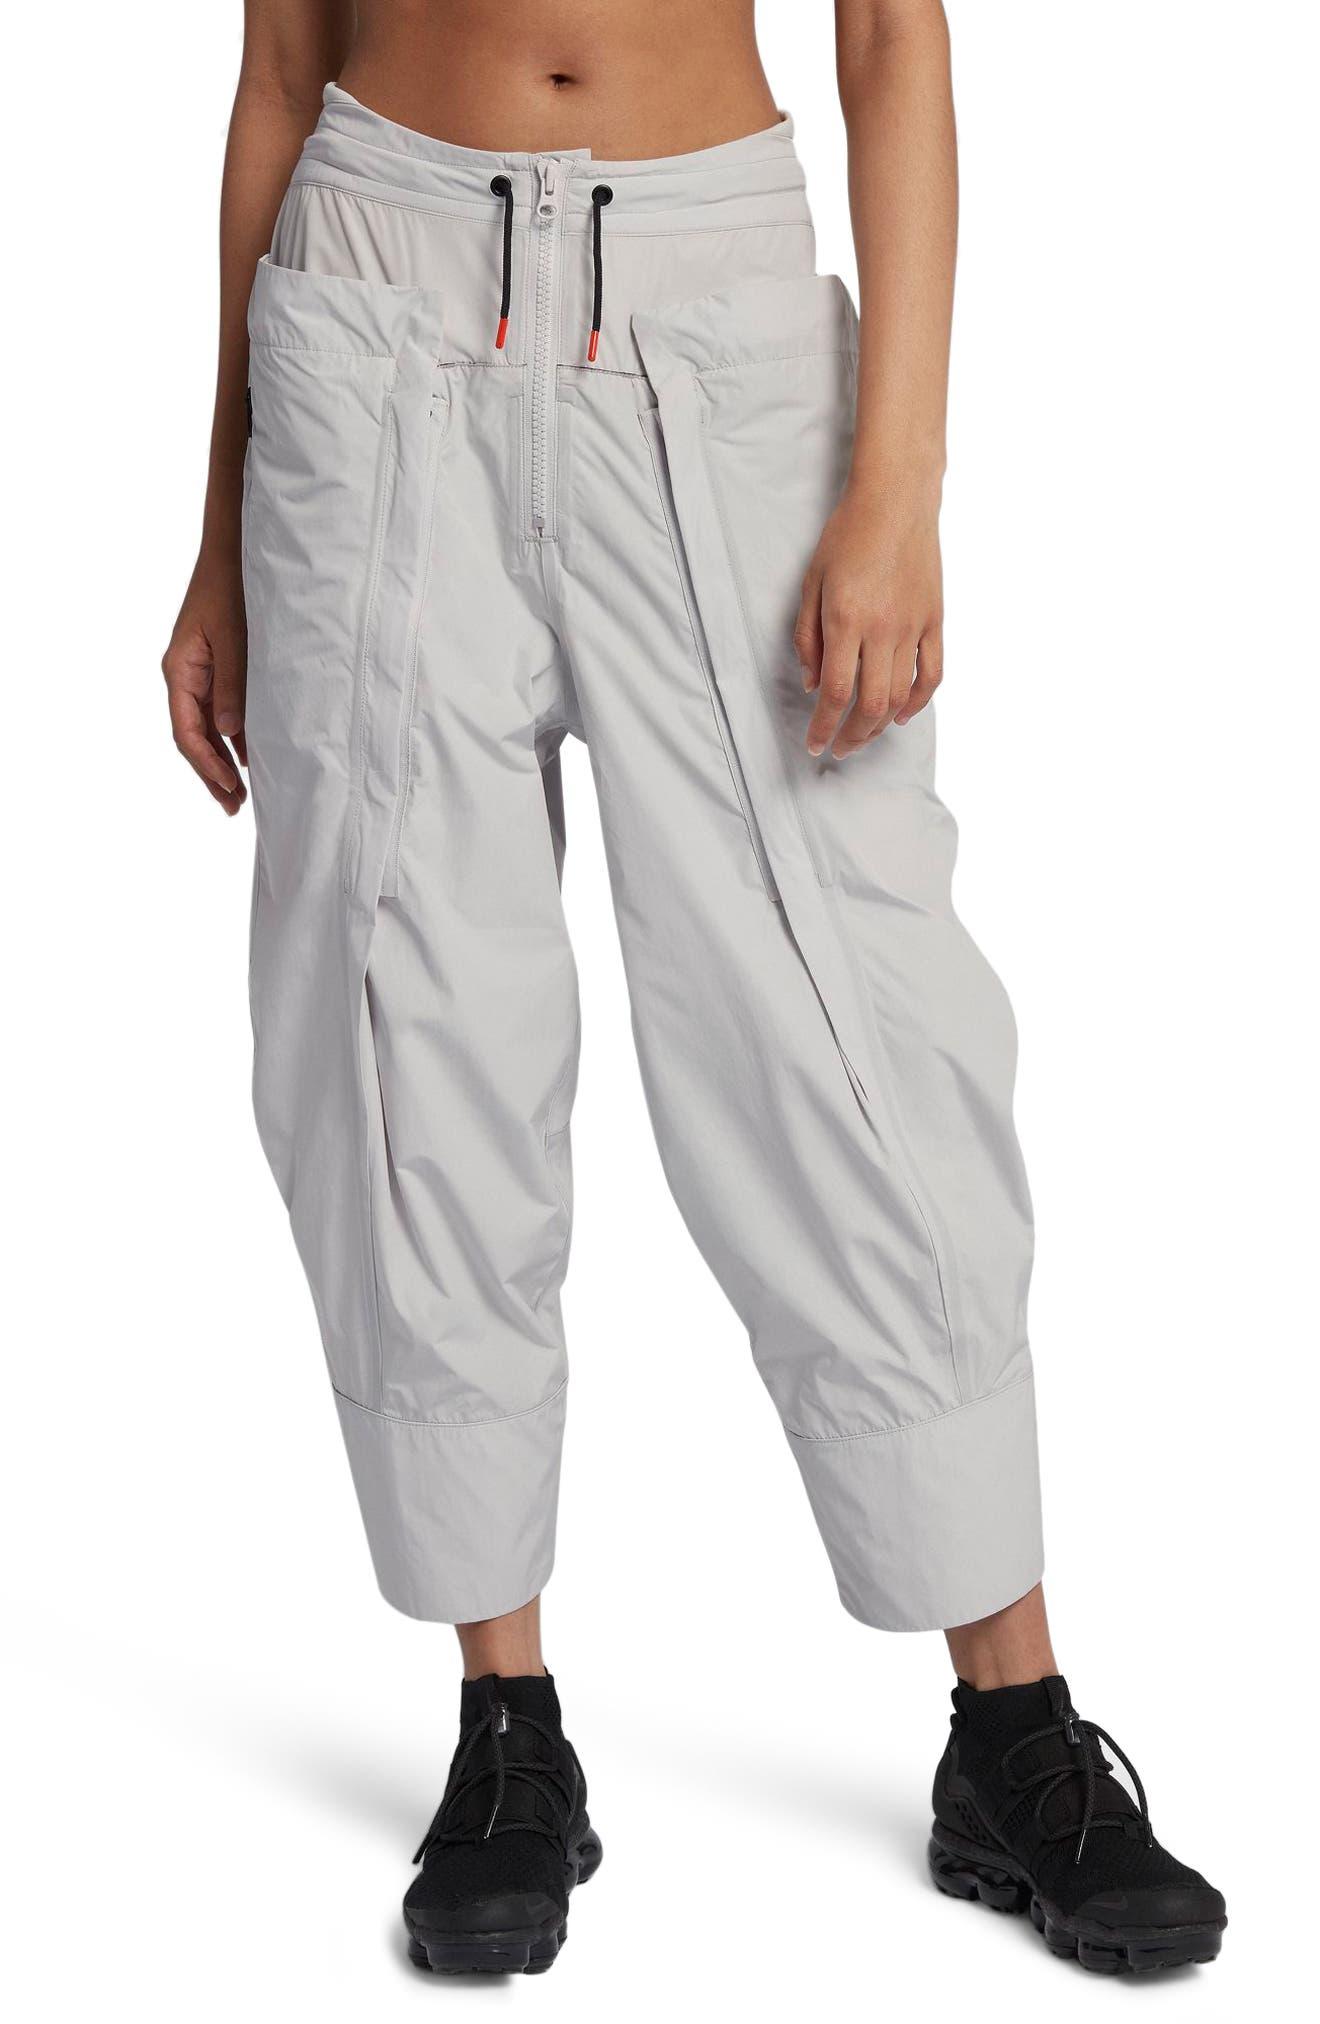 Nike NikeLab ACG Women's Cargo Pants